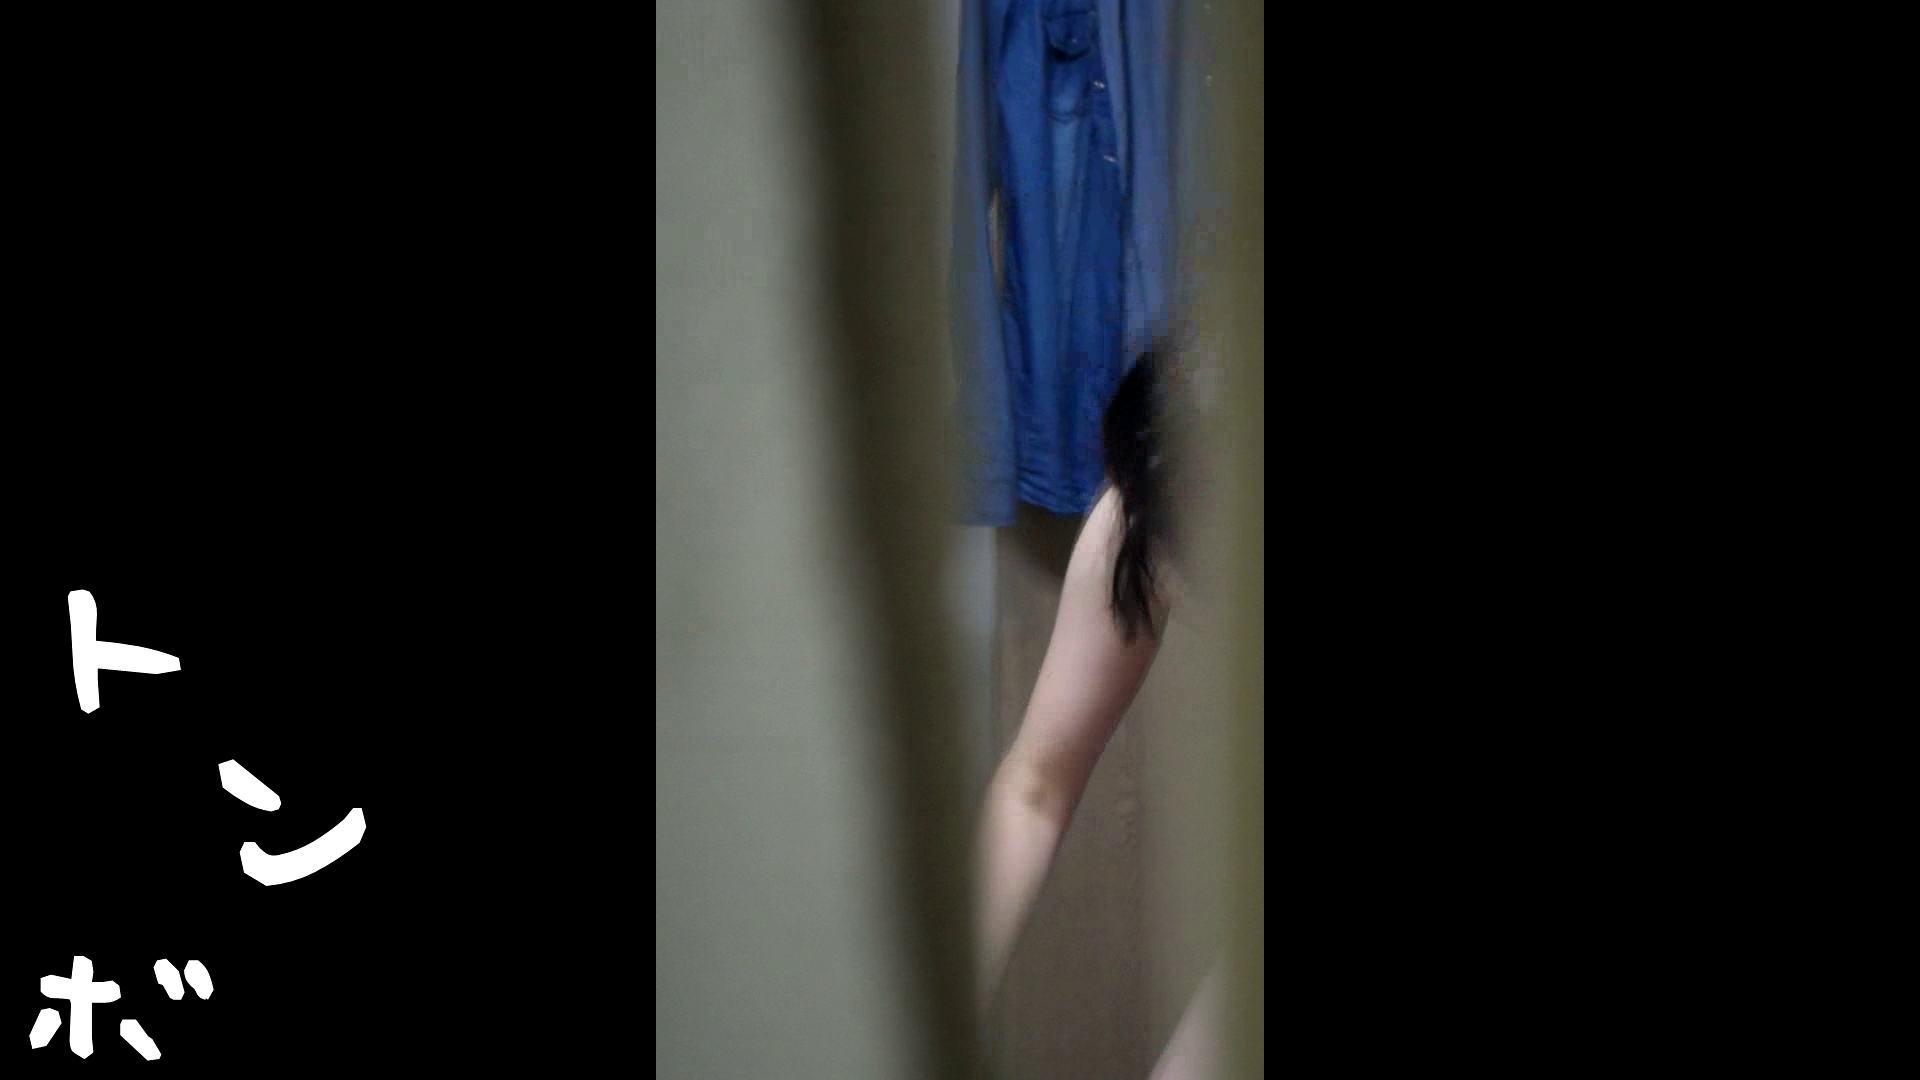 リアル盗撮 北欧留学生一人暮らし部屋ヌード 美女達のヌード   盗撮エロすぎ  102連発 92